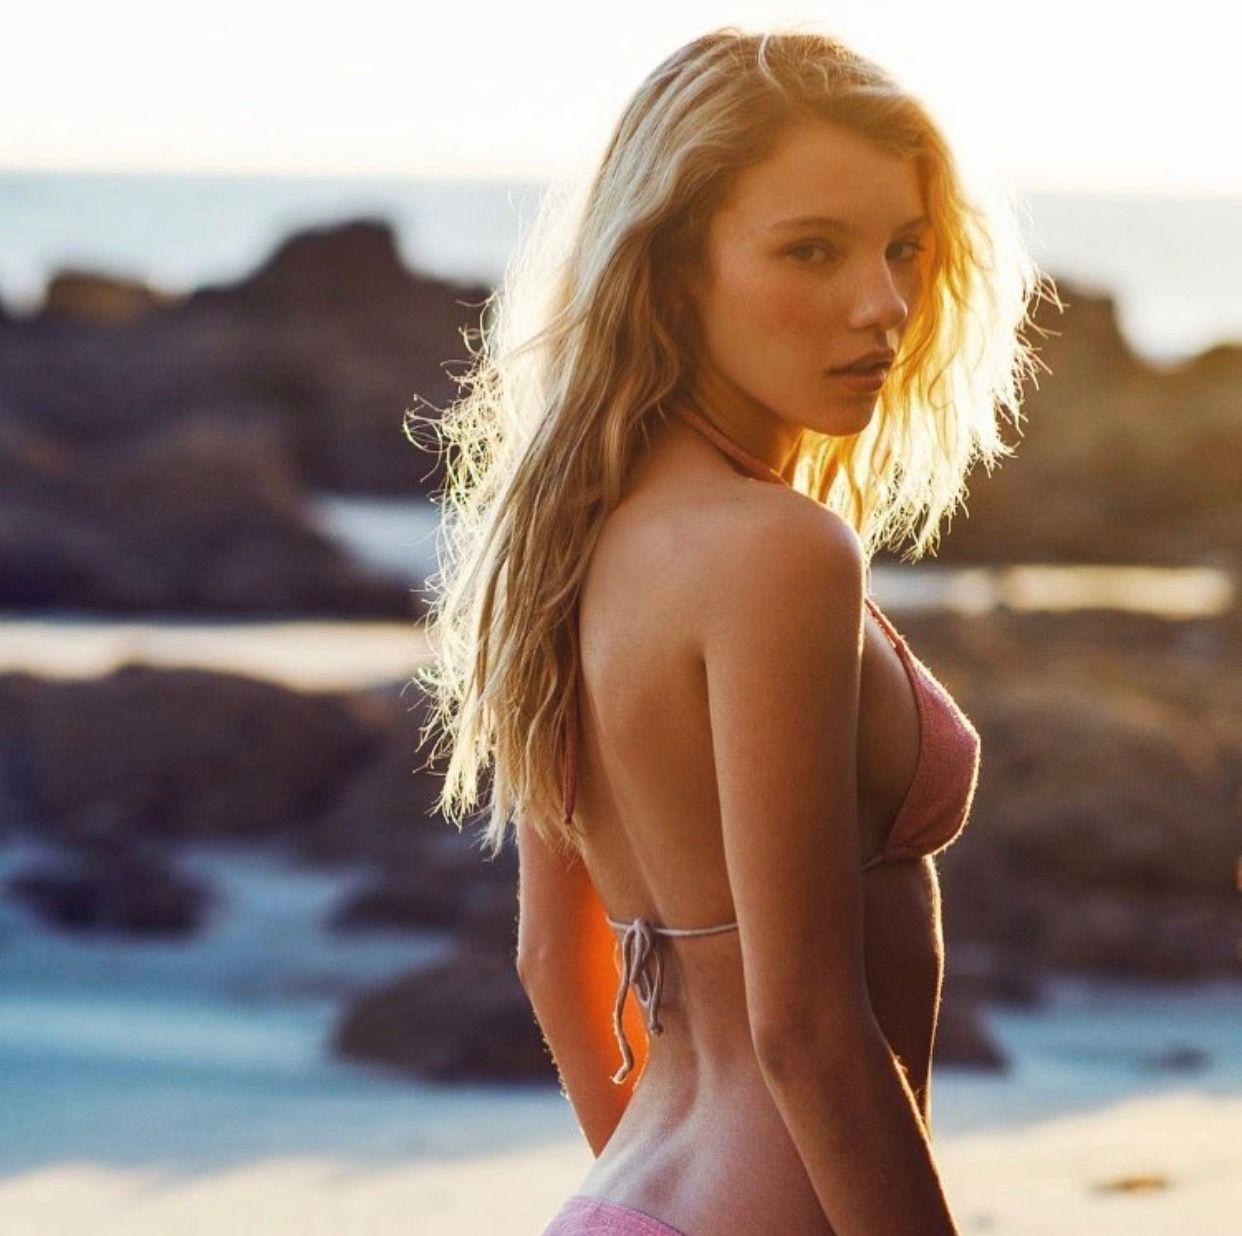 Fotos Rachel Escudero nude photos 2019